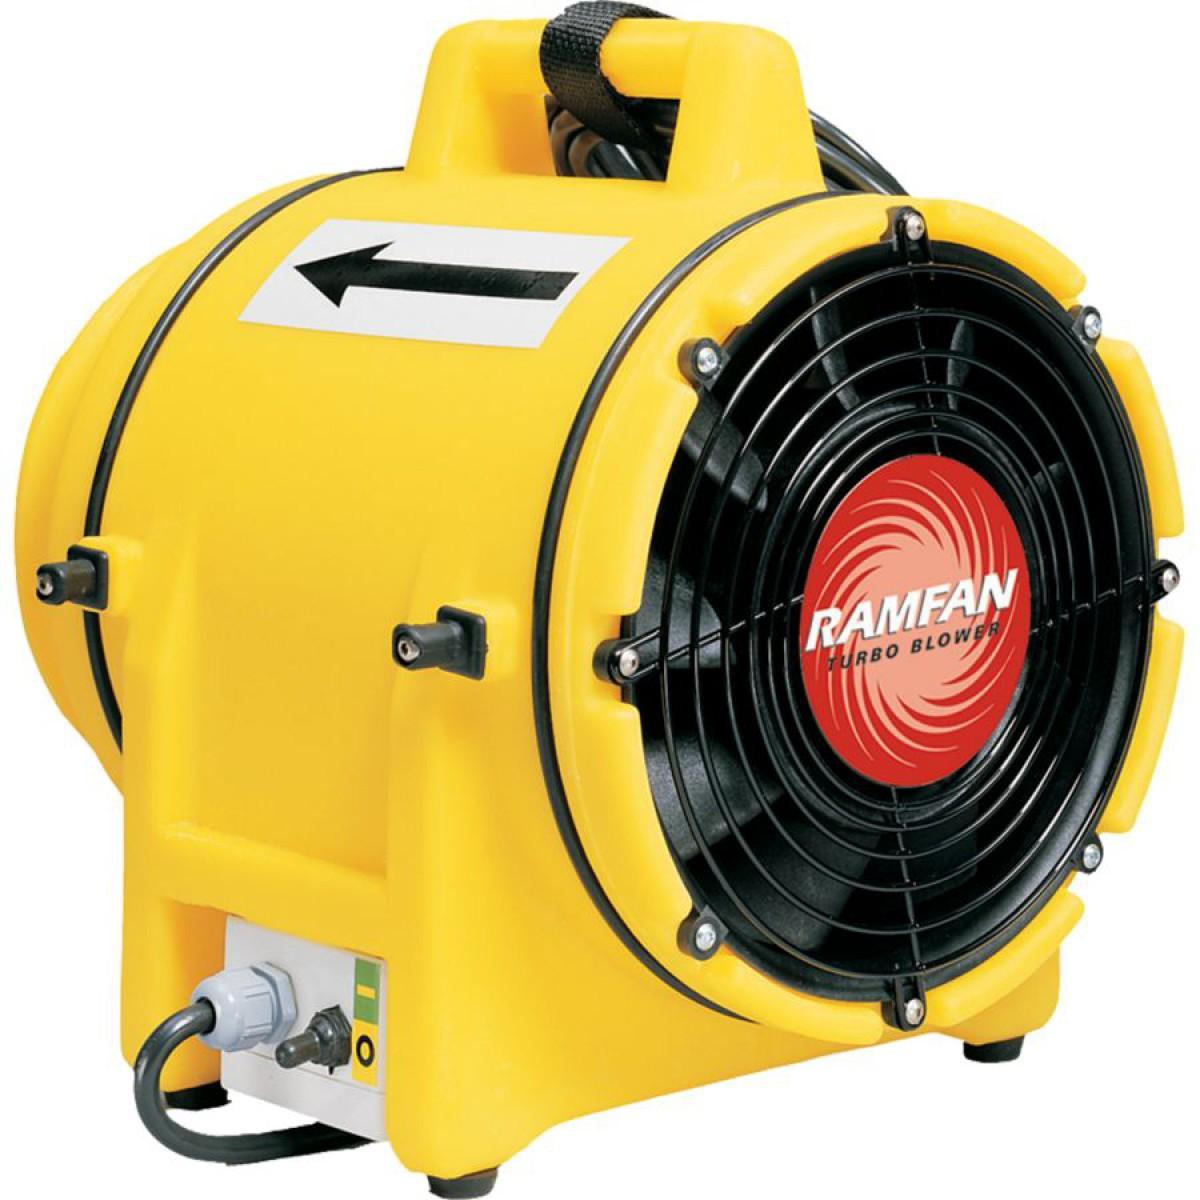 ventilateur extracteur portable 20 cm ventilateurs. Black Bedroom Furniture Sets. Home Design Ideas